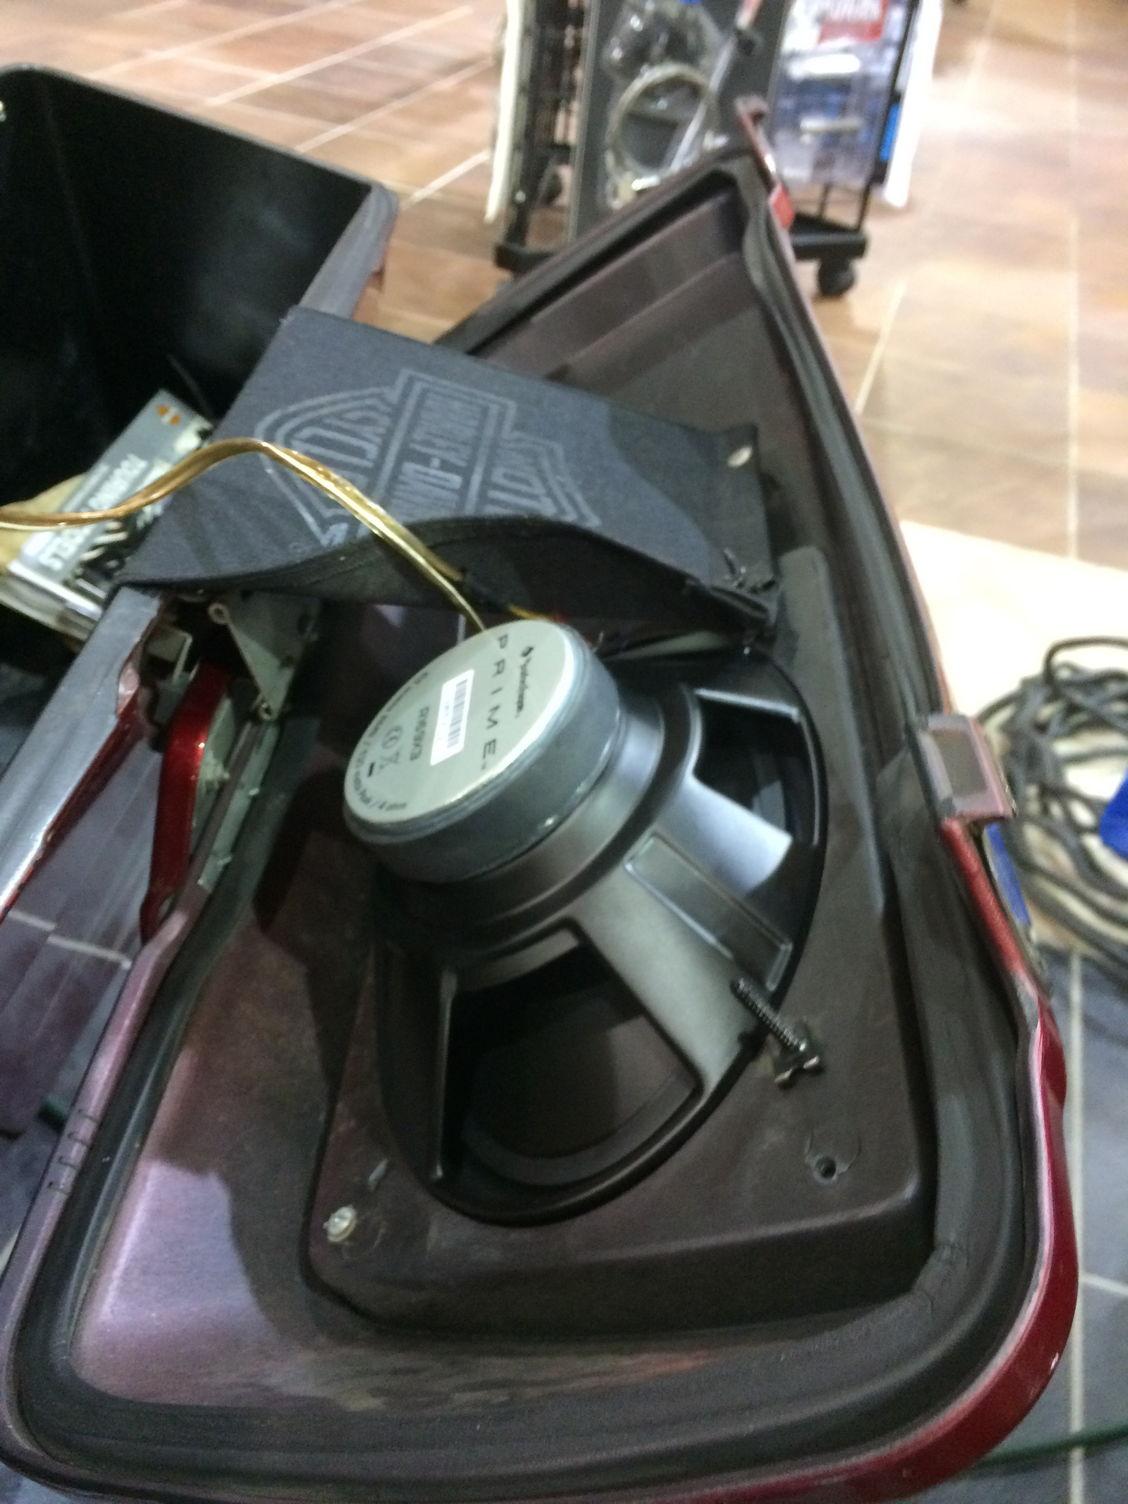 DIY Bag Speakers - Harley Davidson Forums